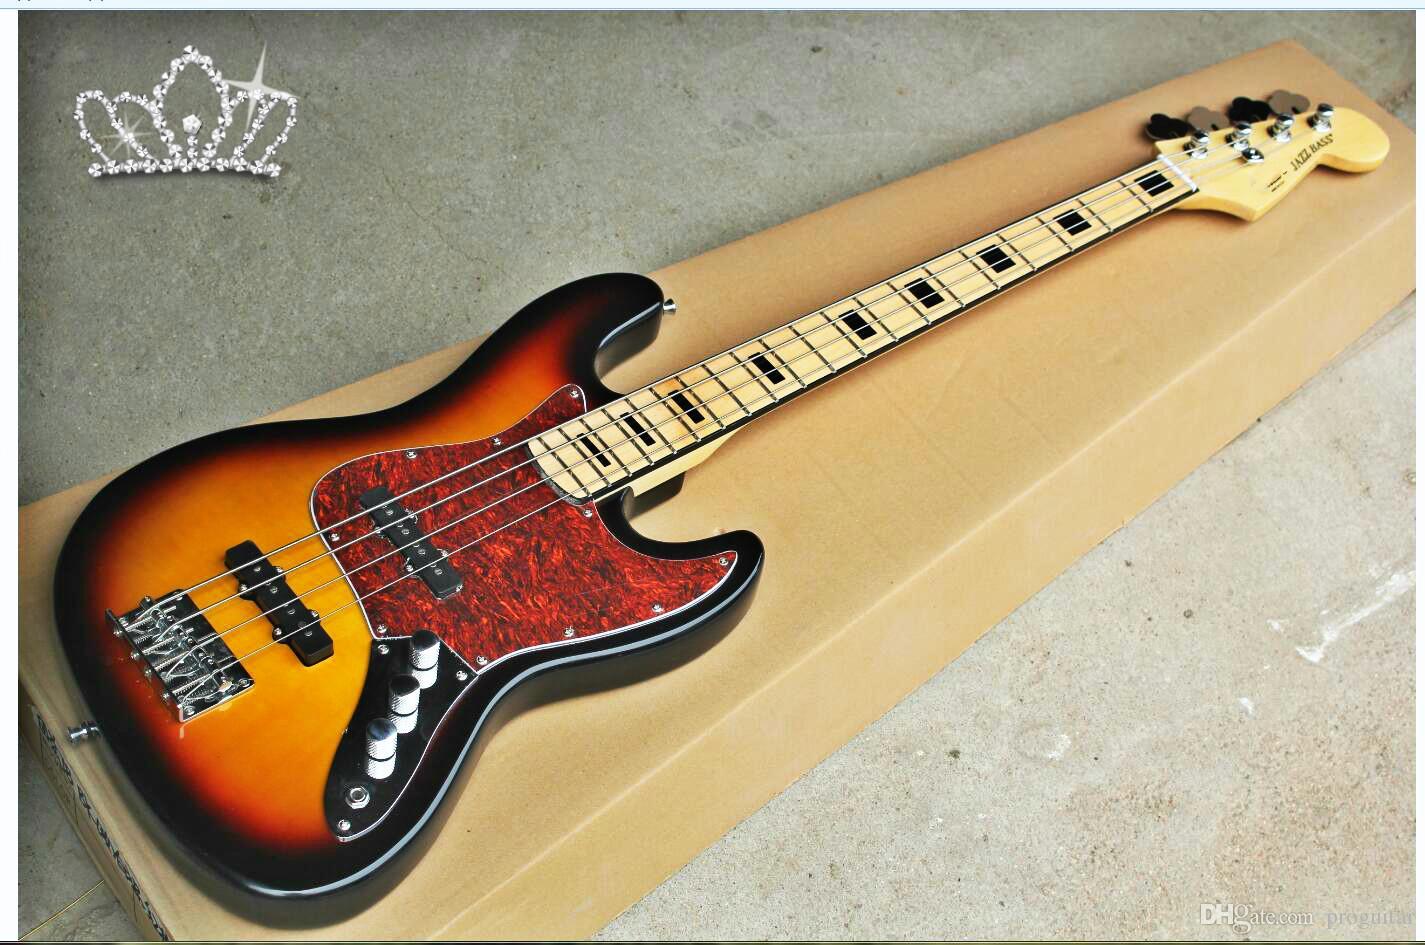 All'ingrosso della fabbrica GYJB-5001 3TS colore rosso guscio di tartaruga piastra hardware Chrome pickup EMG Jazz Bass Chitarra Elettrica, spedizione gratuita